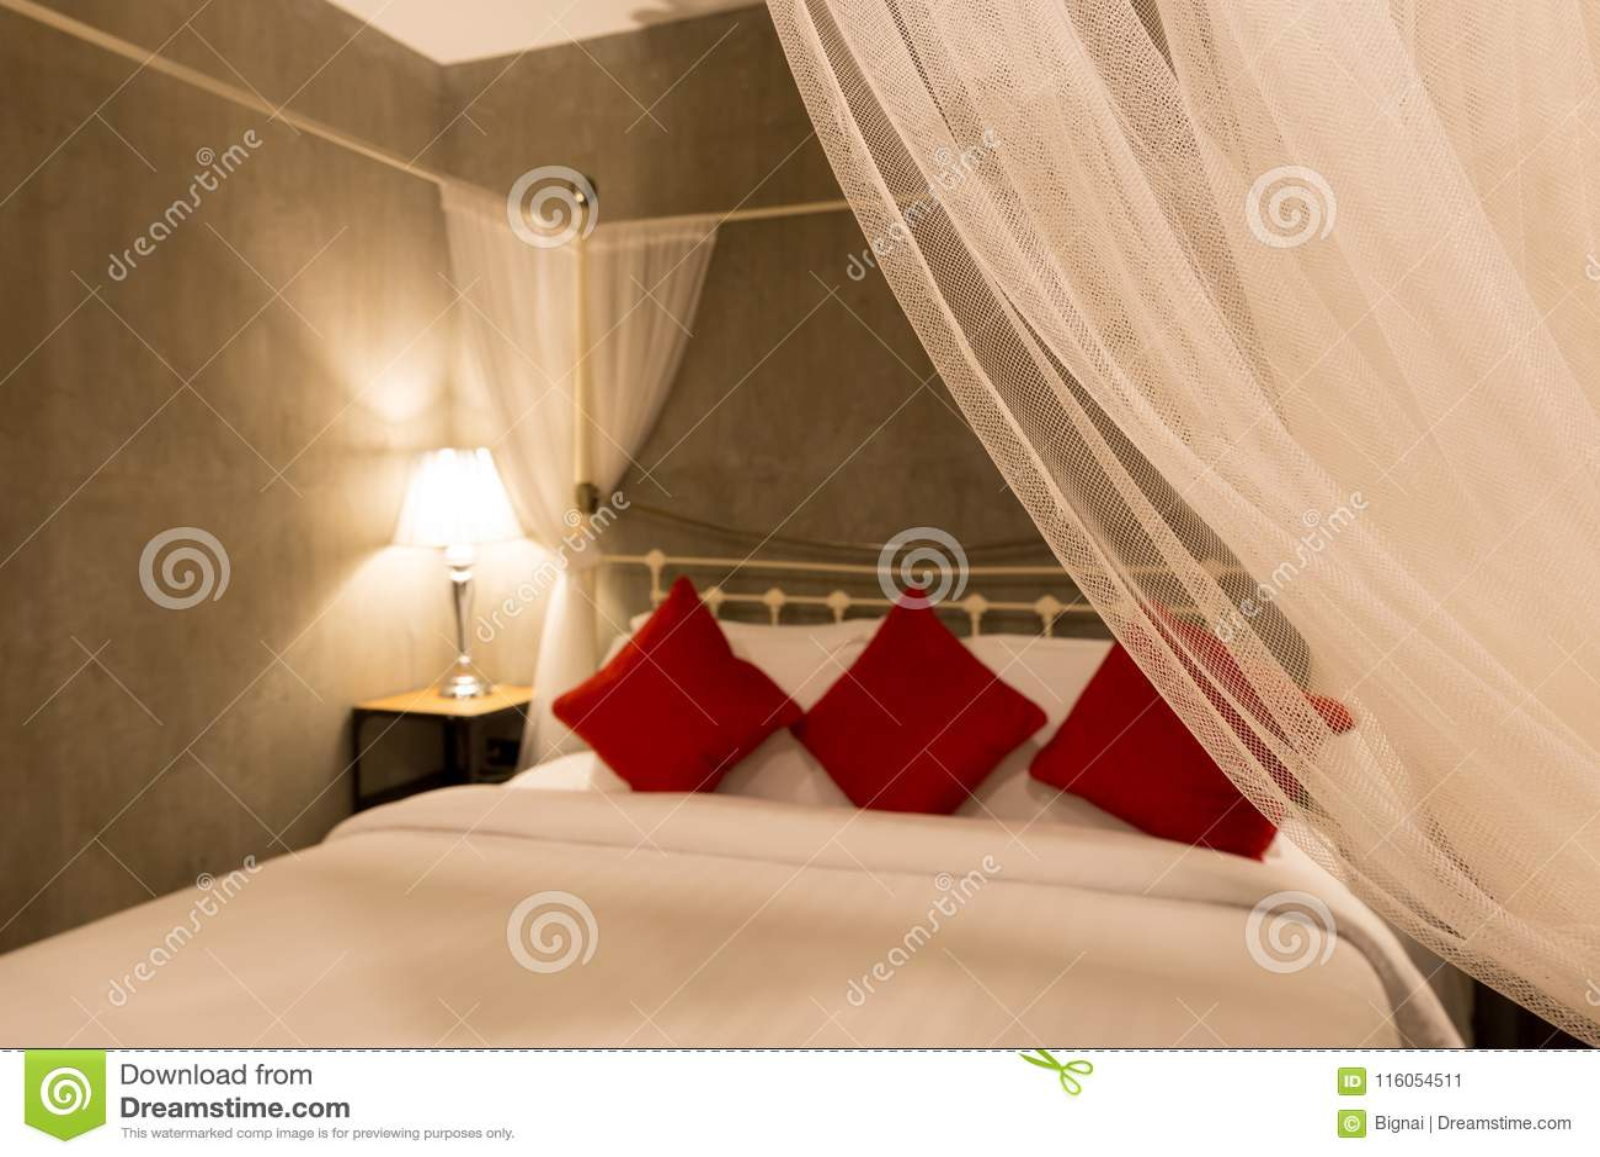 Letto Con Zanzariera : Set biancheria da letto pezzi con zanzariera grigio cigni